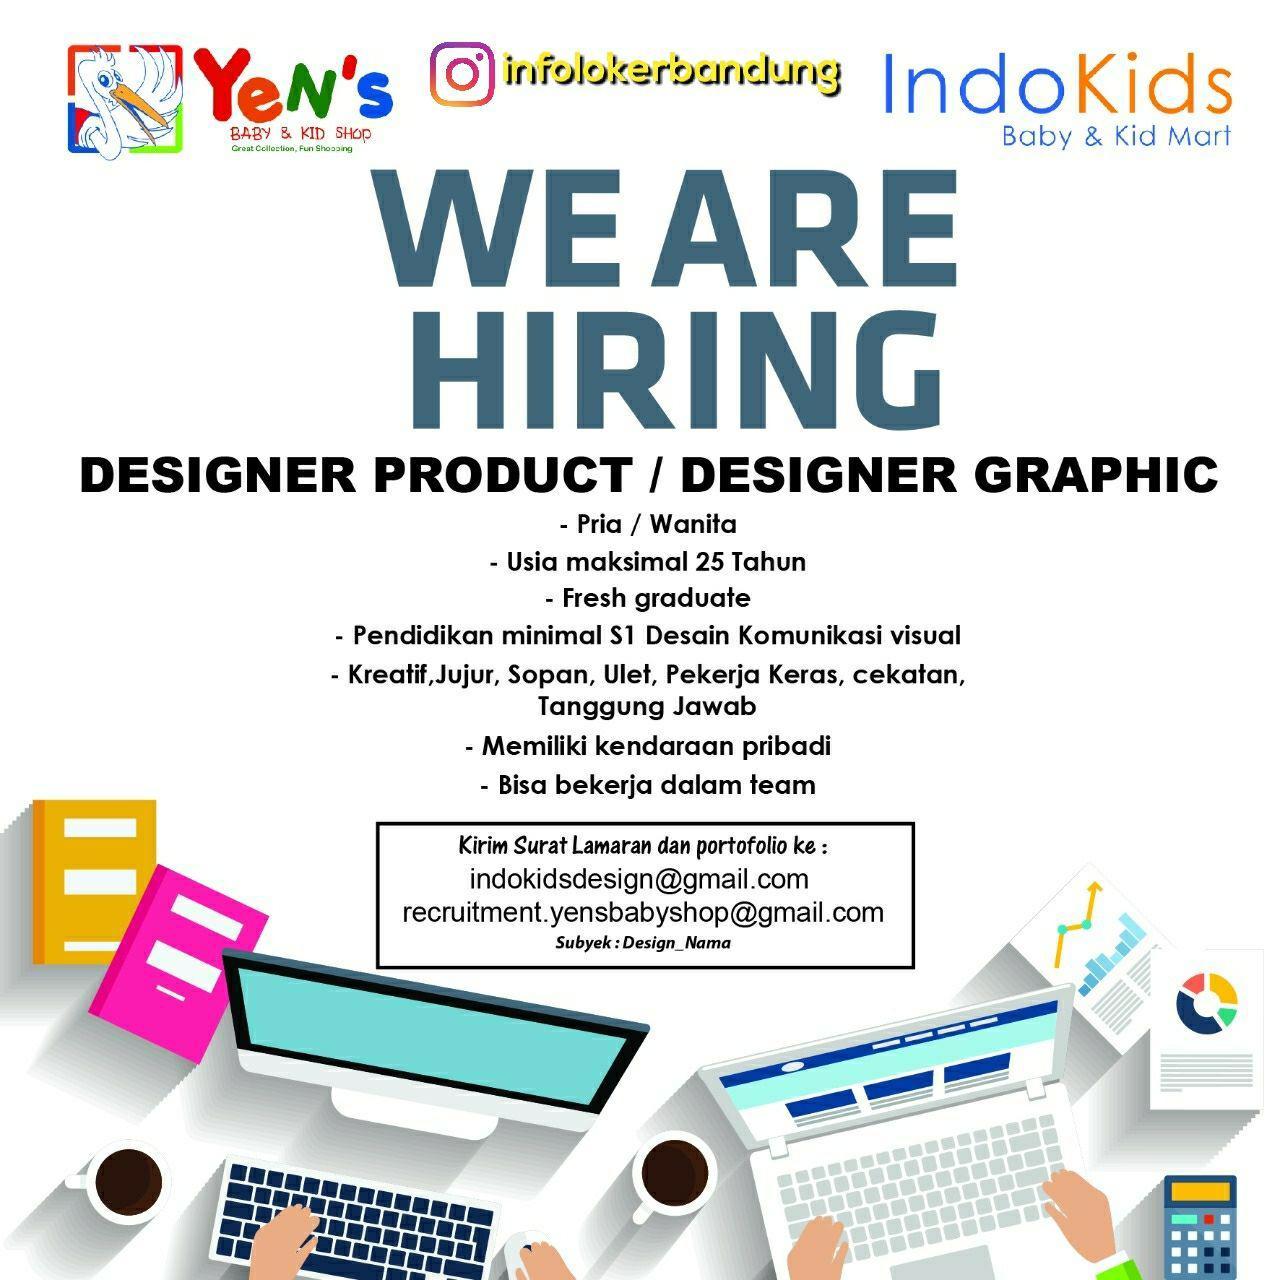 Lowongan Kerja Indo Kids Baby & Kids Mart Bandung November 2017